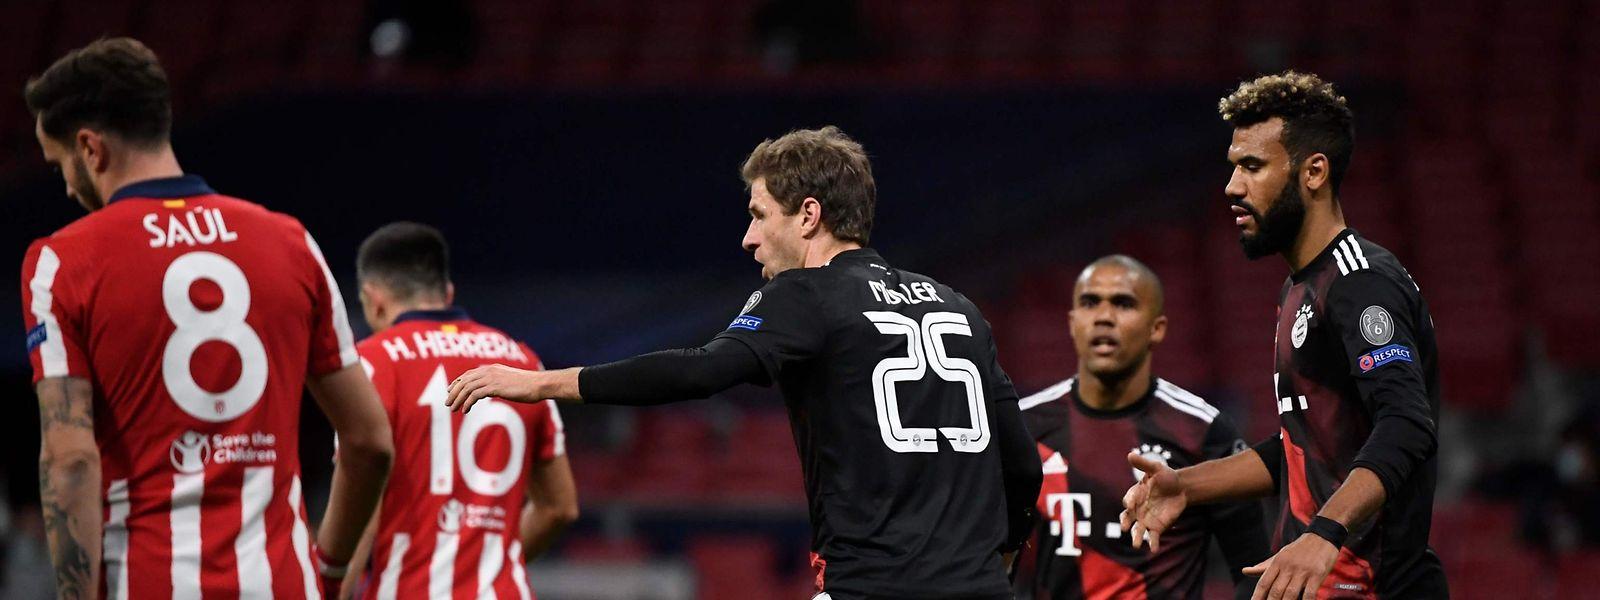 Grâce à son pénalty, Müller a empêché l'Atlético de valider son billet pour les huitièmes de finale.